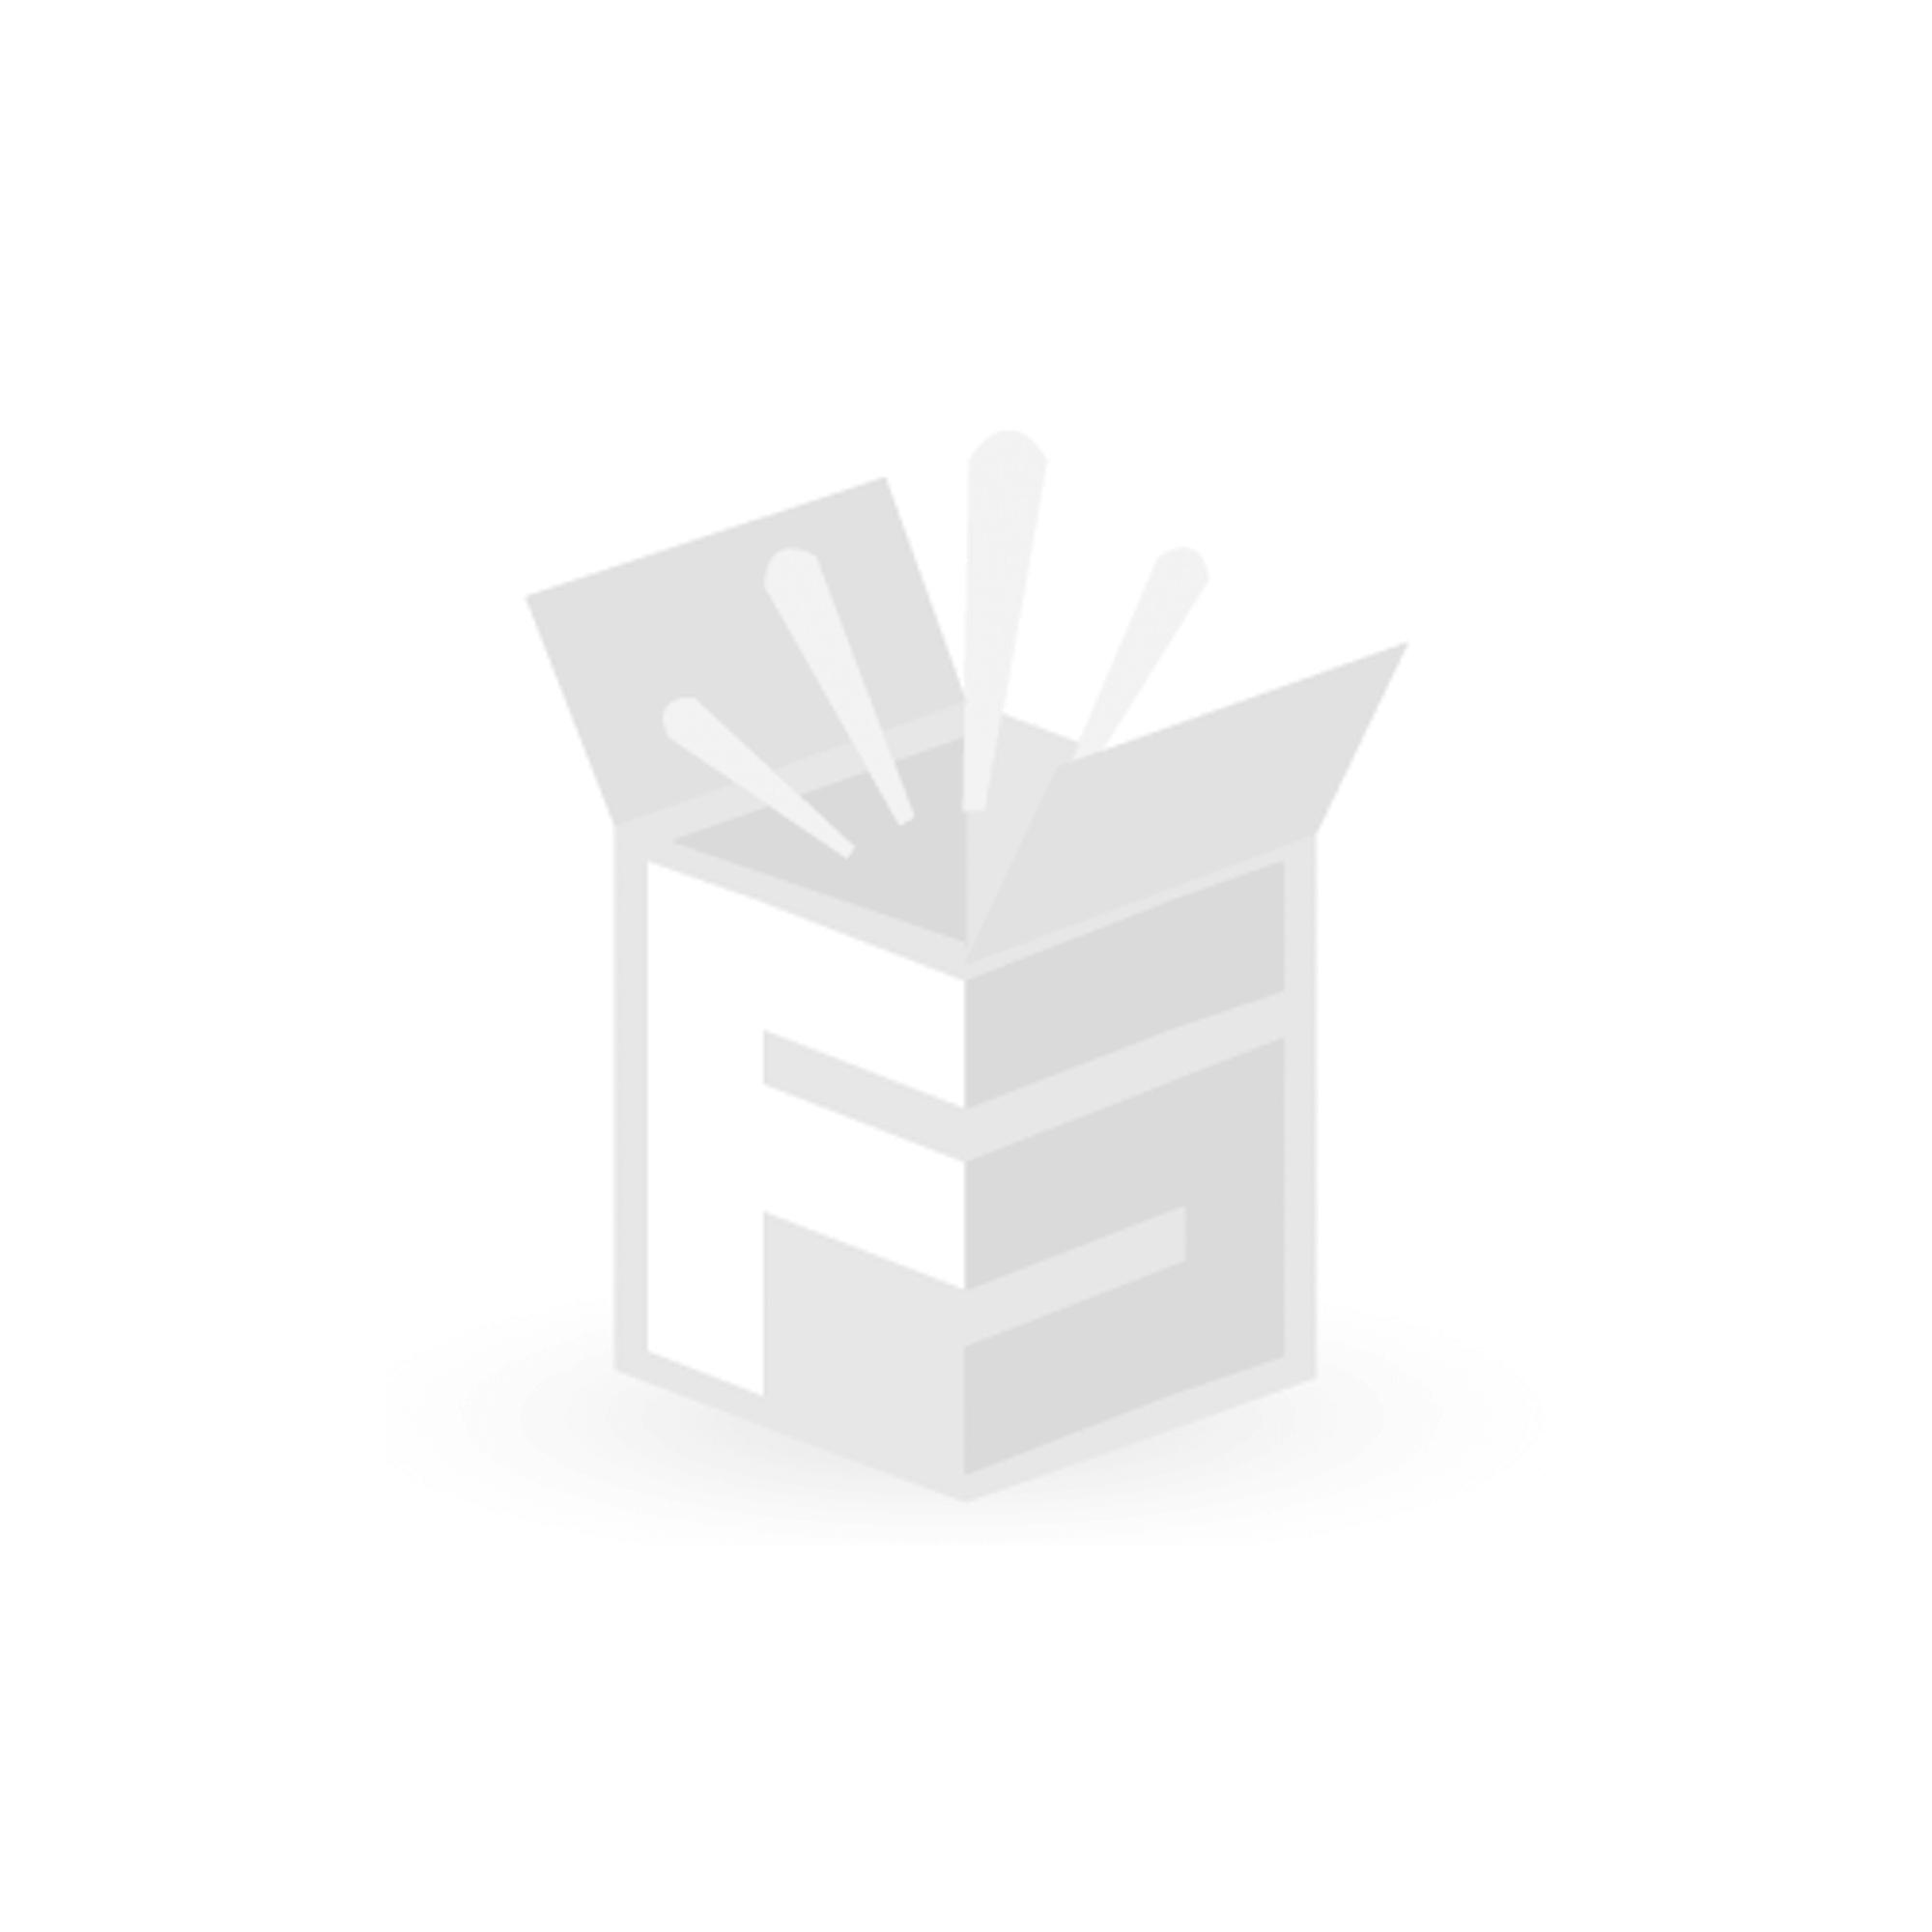 Gutschein für den Frankenspalter Onlineshop CHF 100.00